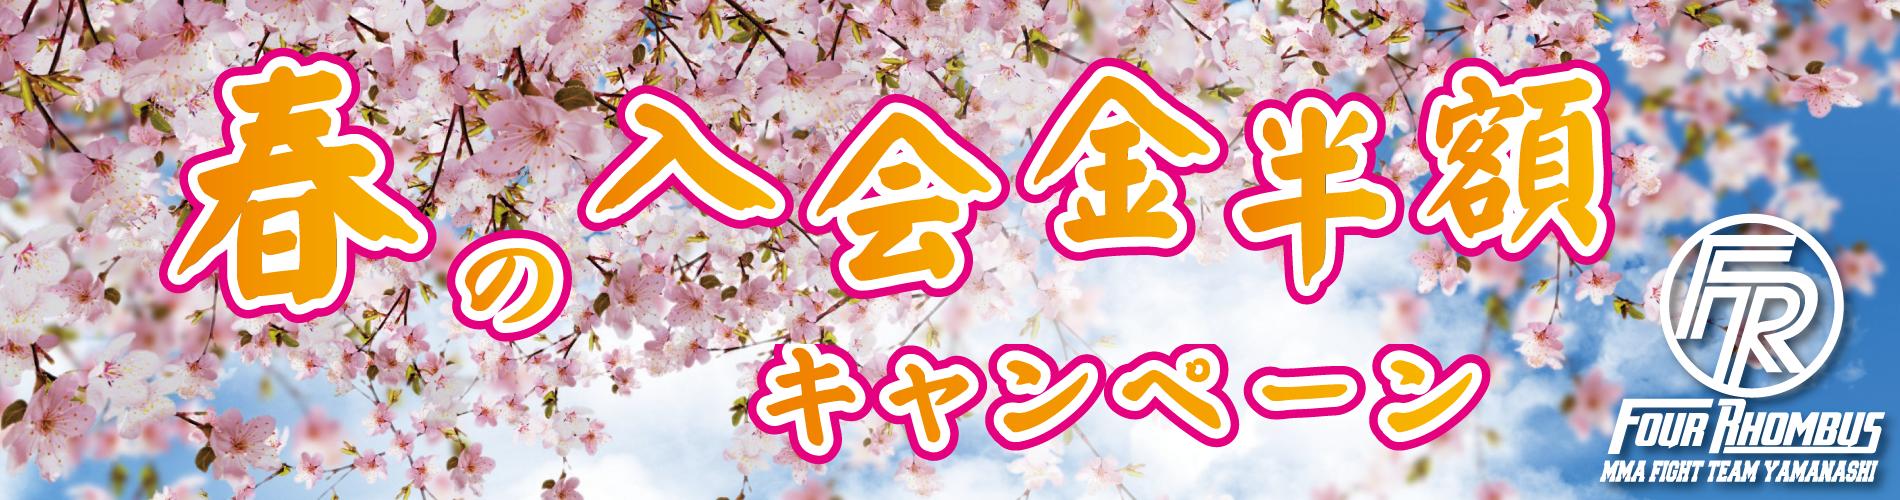 春の入会金半額キャンペーン